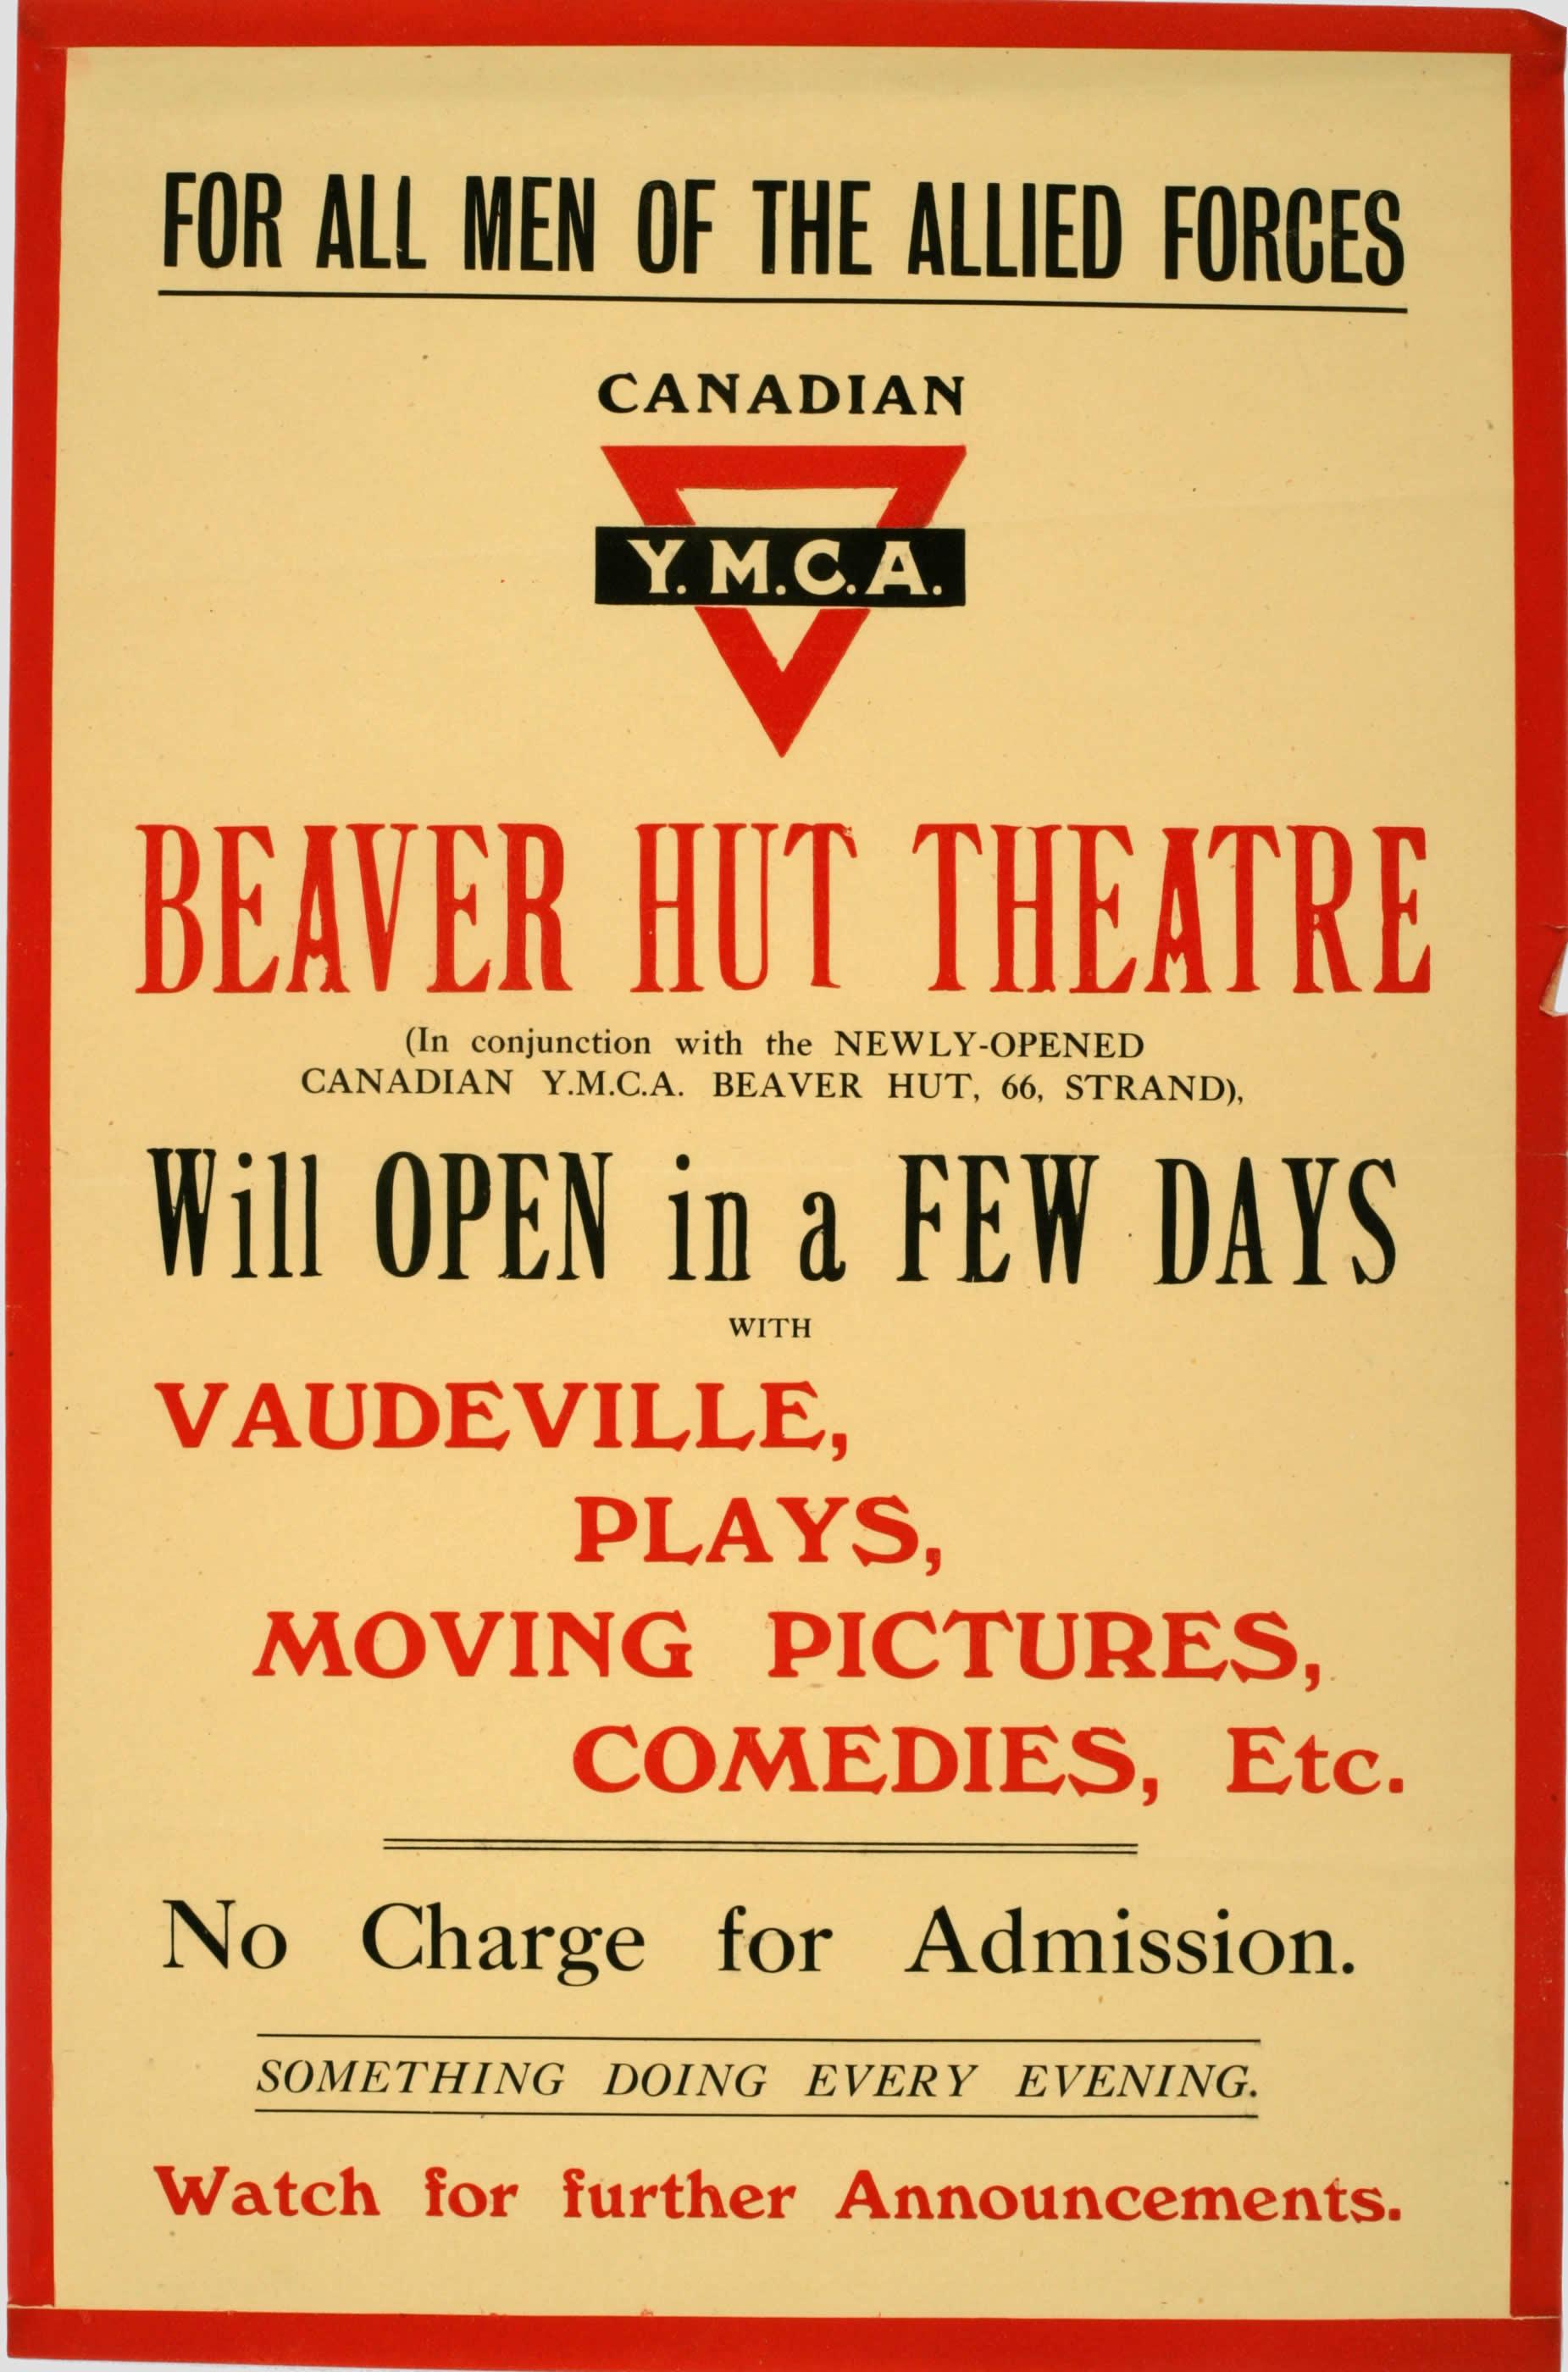 Le Beaver Hut Theatre